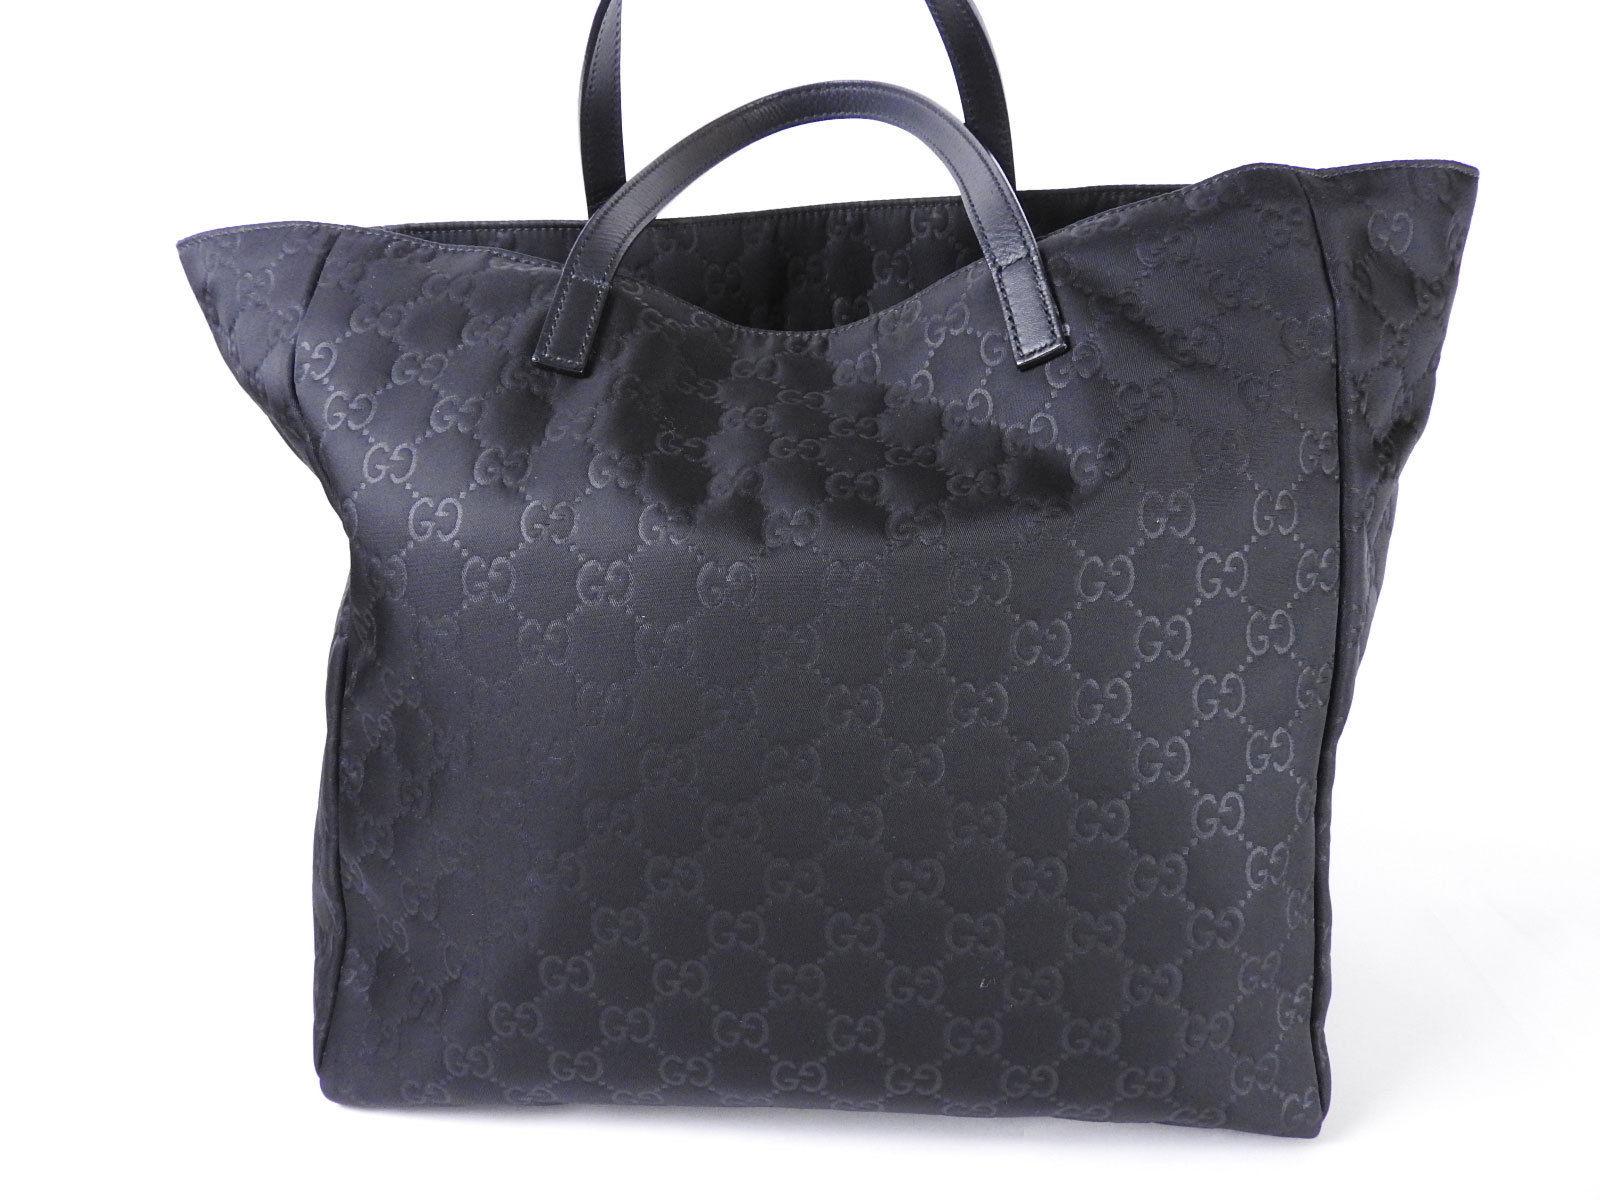 2b154293709 Authentic Gucci Guccissima Gg Nylon Shoulder Tote Bag. Gucci Women s Leather  Micro ...